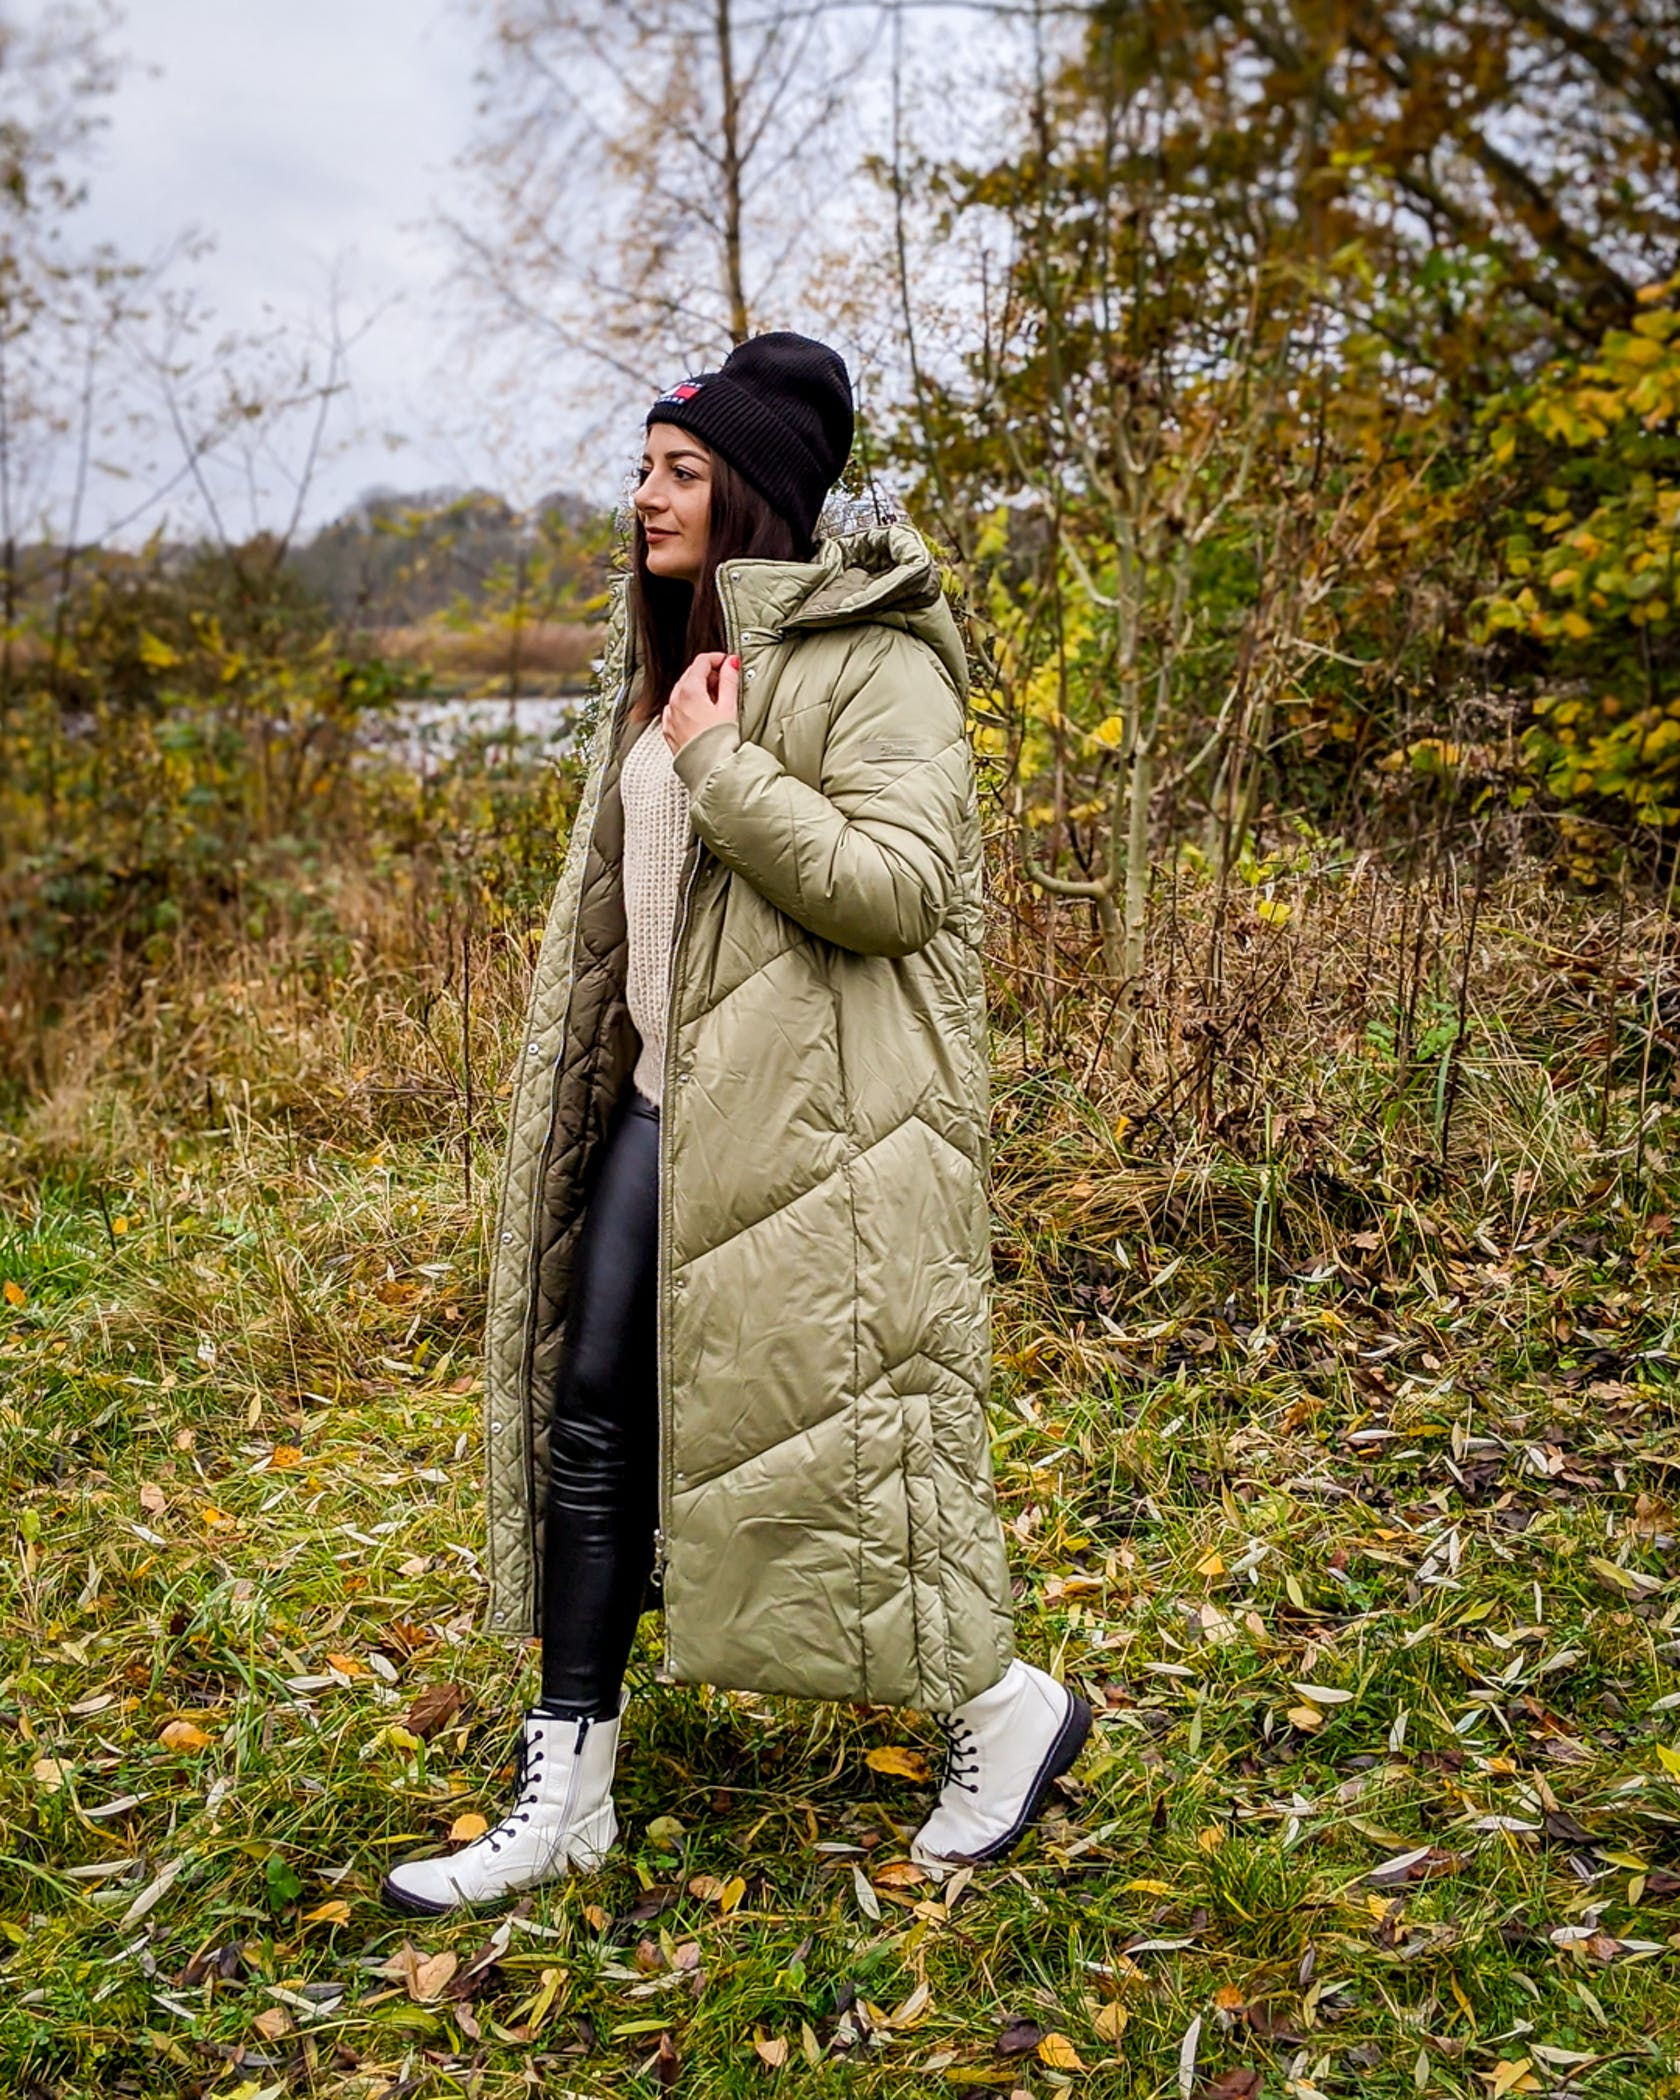 junge Frau geht in winterlichem Outfit im Wald spazieren